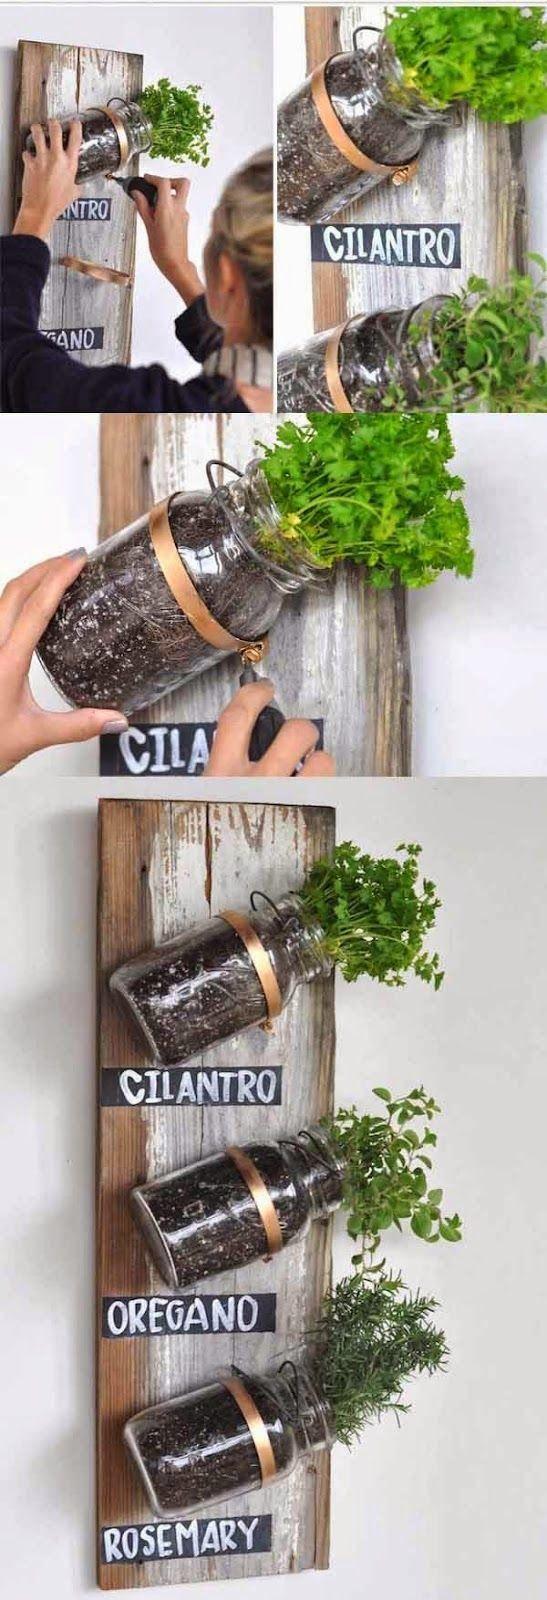 Ideias de mini vasos improvisados para cultivar temperos em casa